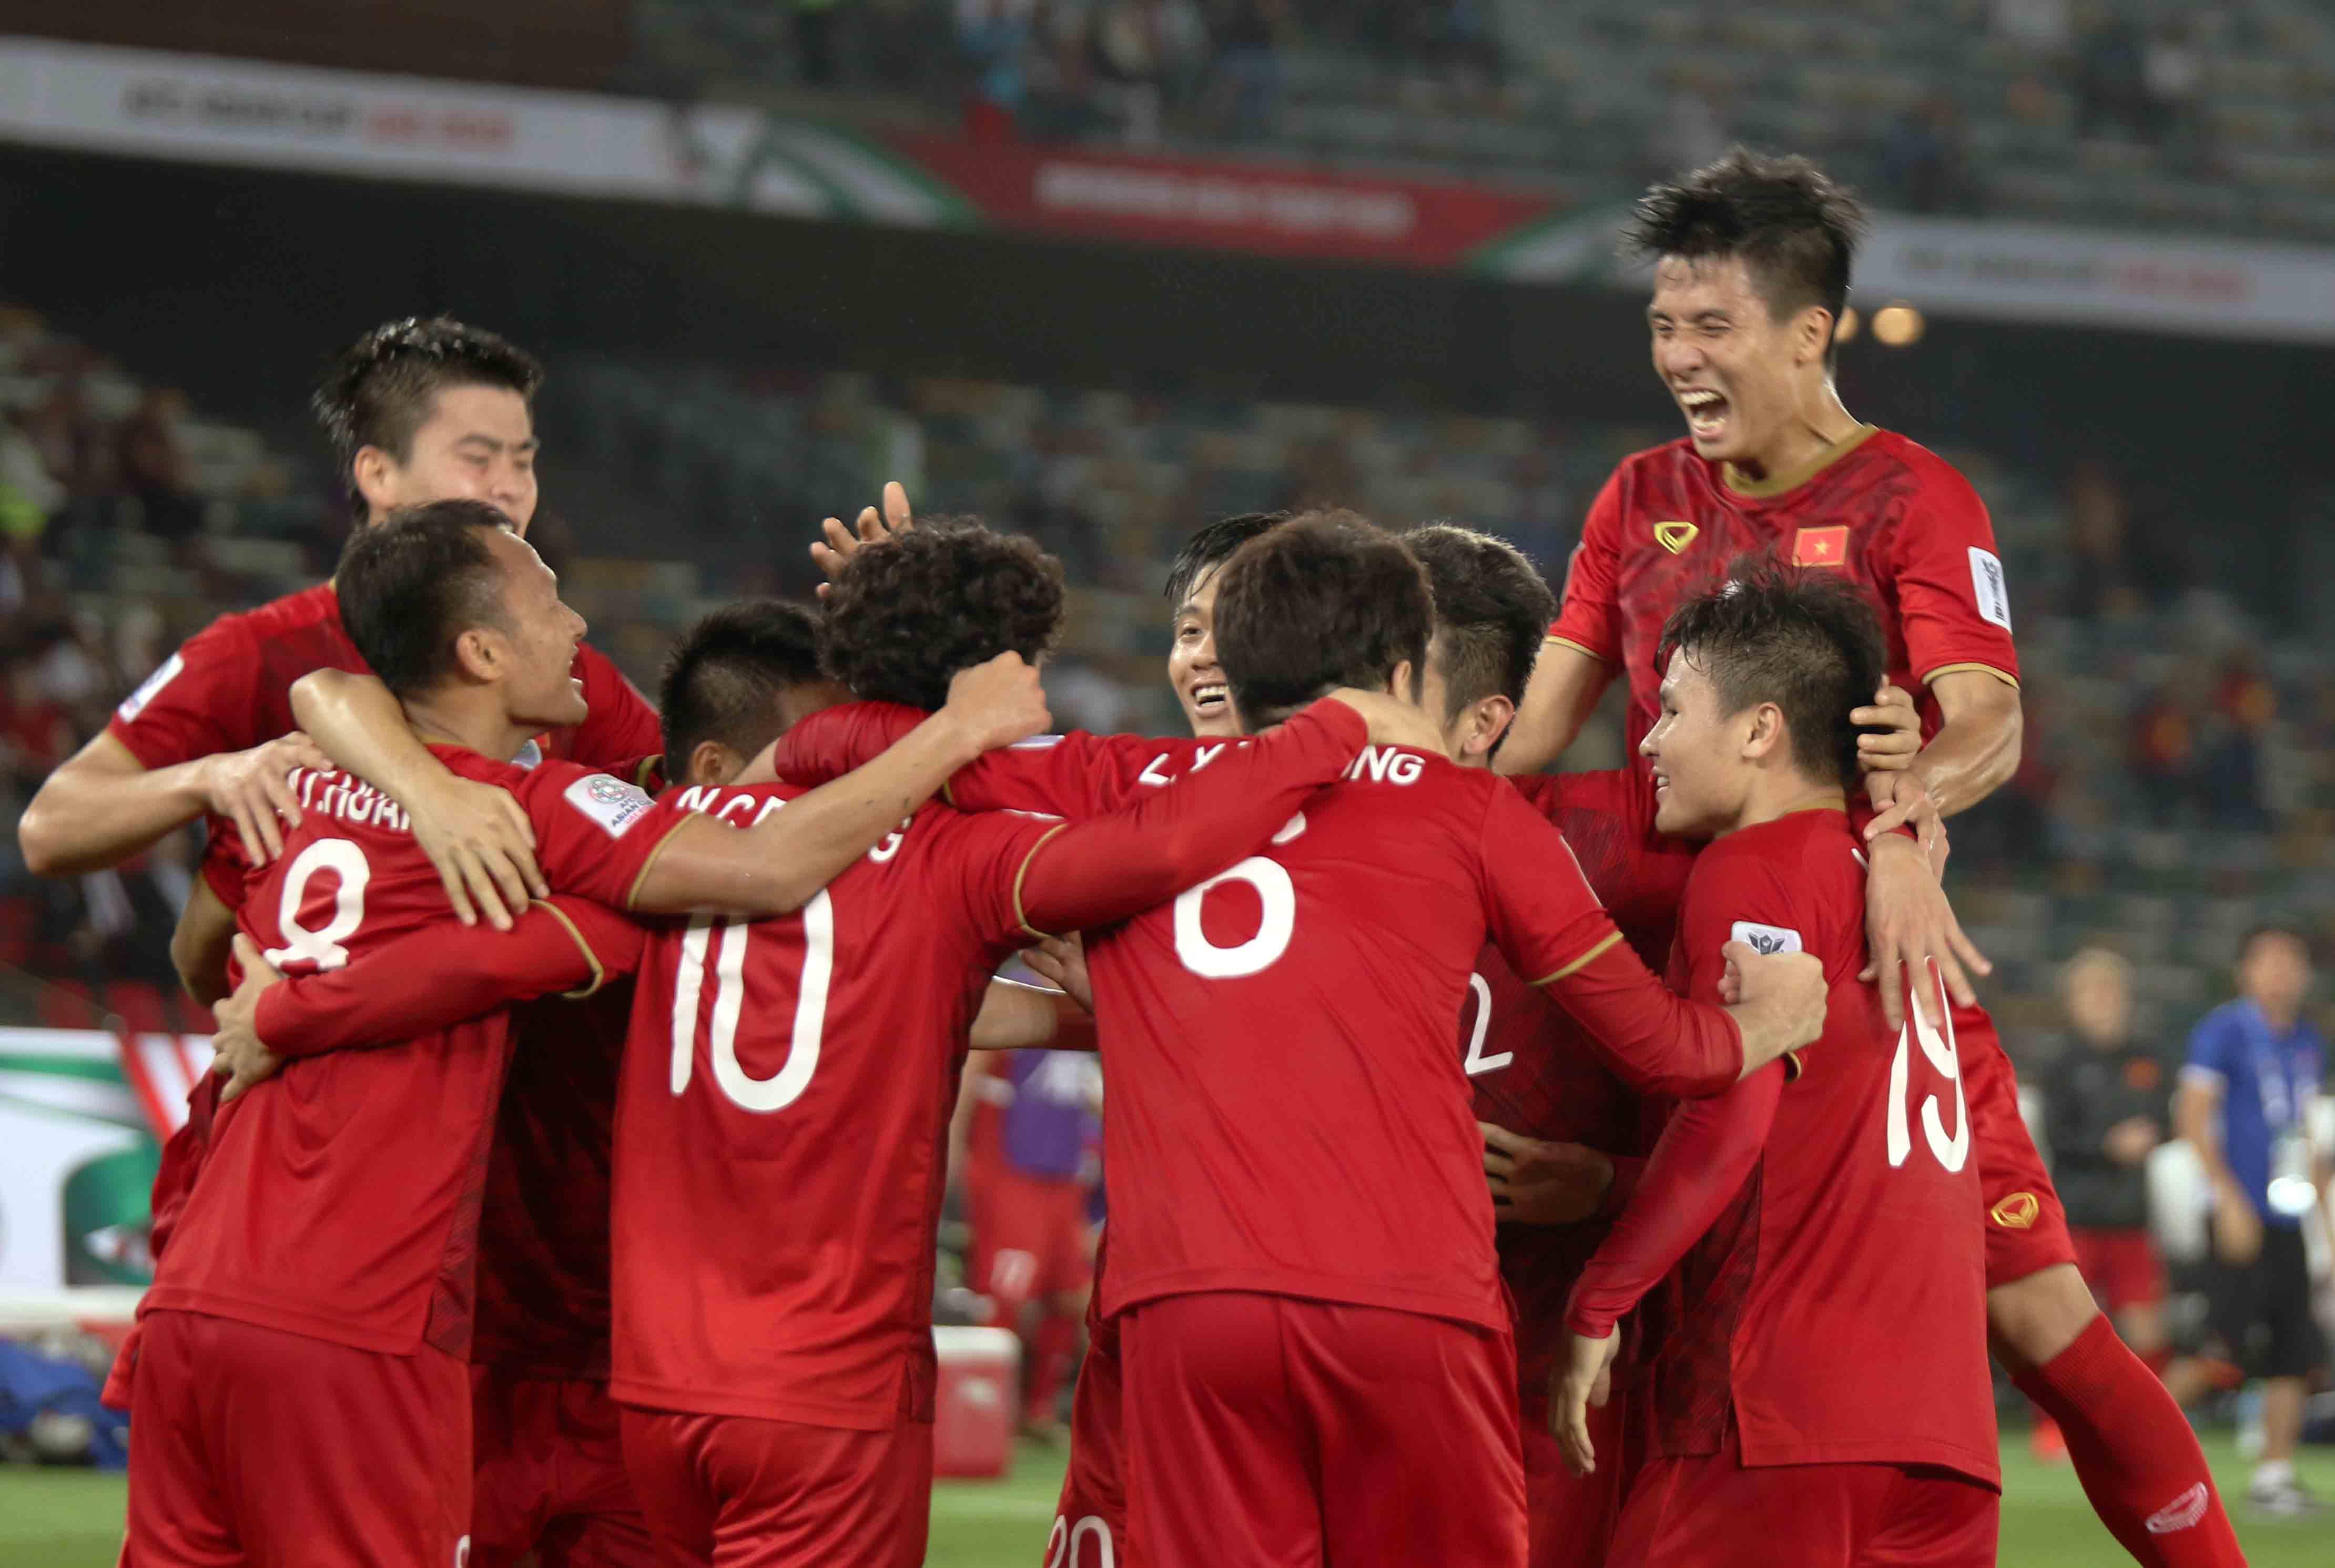 Chủ tịch VFF Lê Khánh Hải khen ngợi tinh thần thi đấu của ĐT Việt Nam